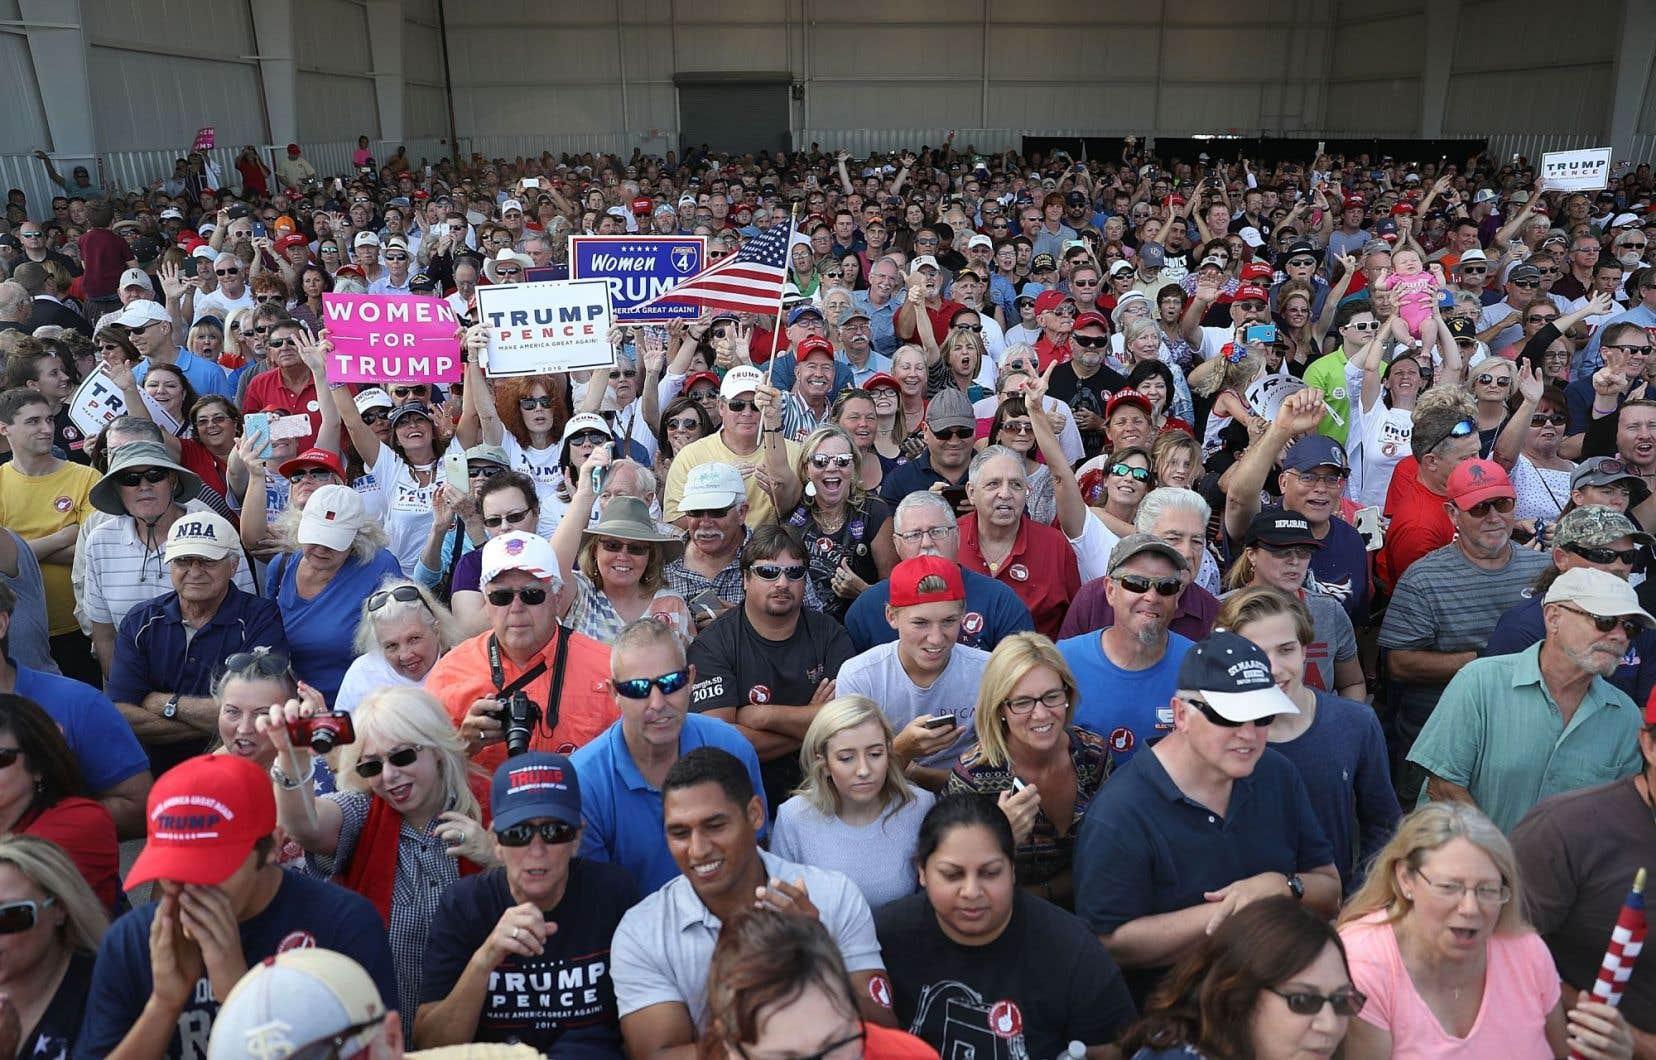 Des partisans de Donald Trump lors d'un rassemblement à Orlando, mardi.Les réseaux sociaux sont devenus une plateforme privilégiée de débat pour les Américains.